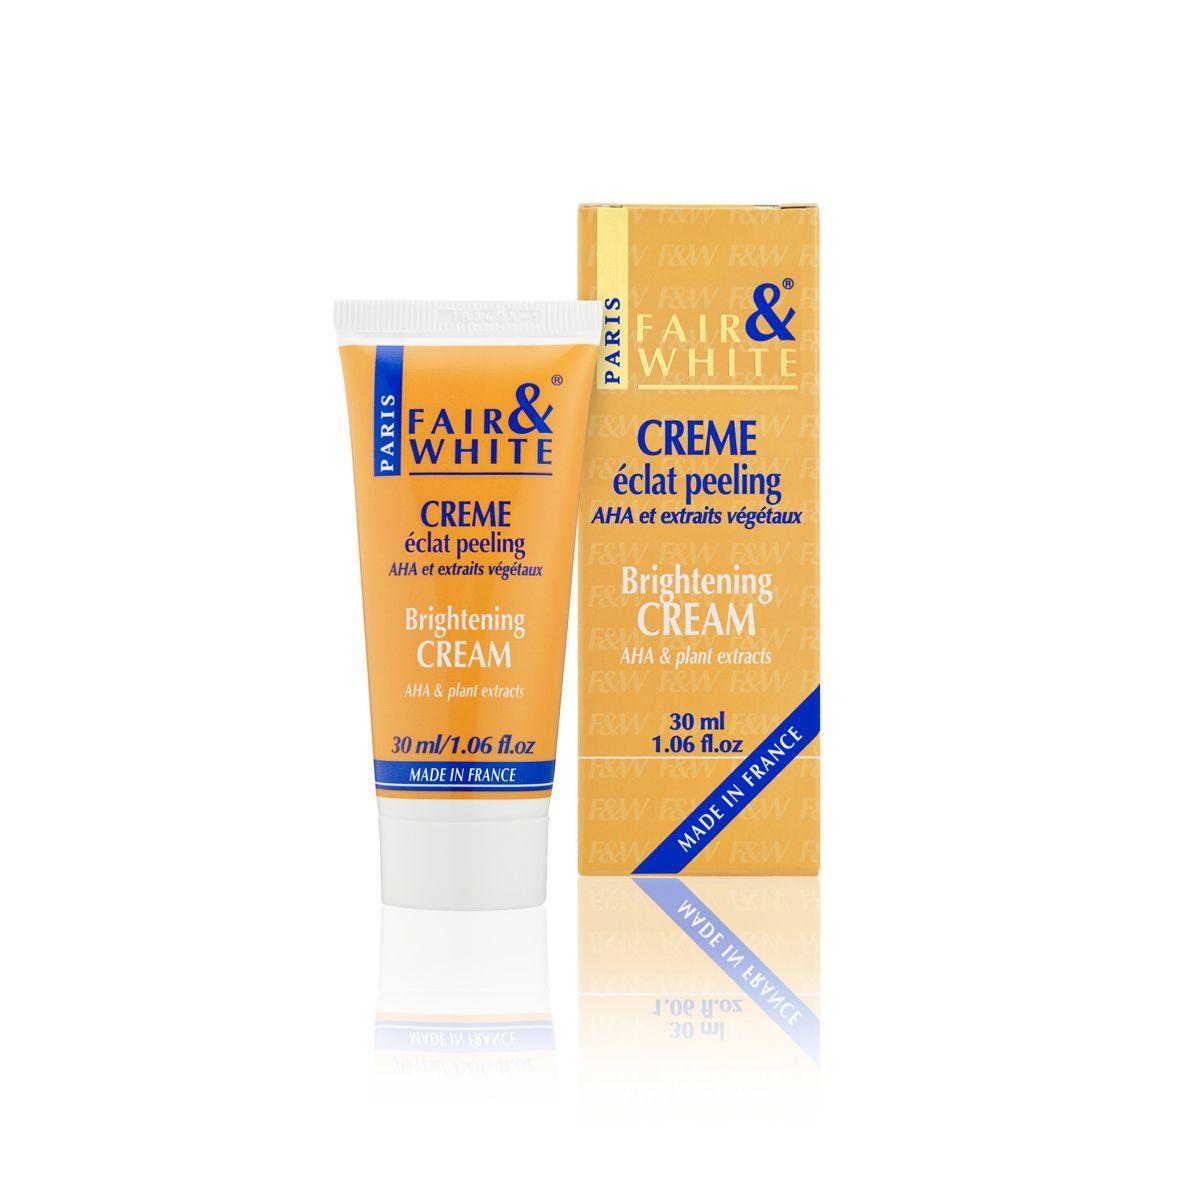 Fair & White Original Brightening Cream With Aha-2 - 30ml